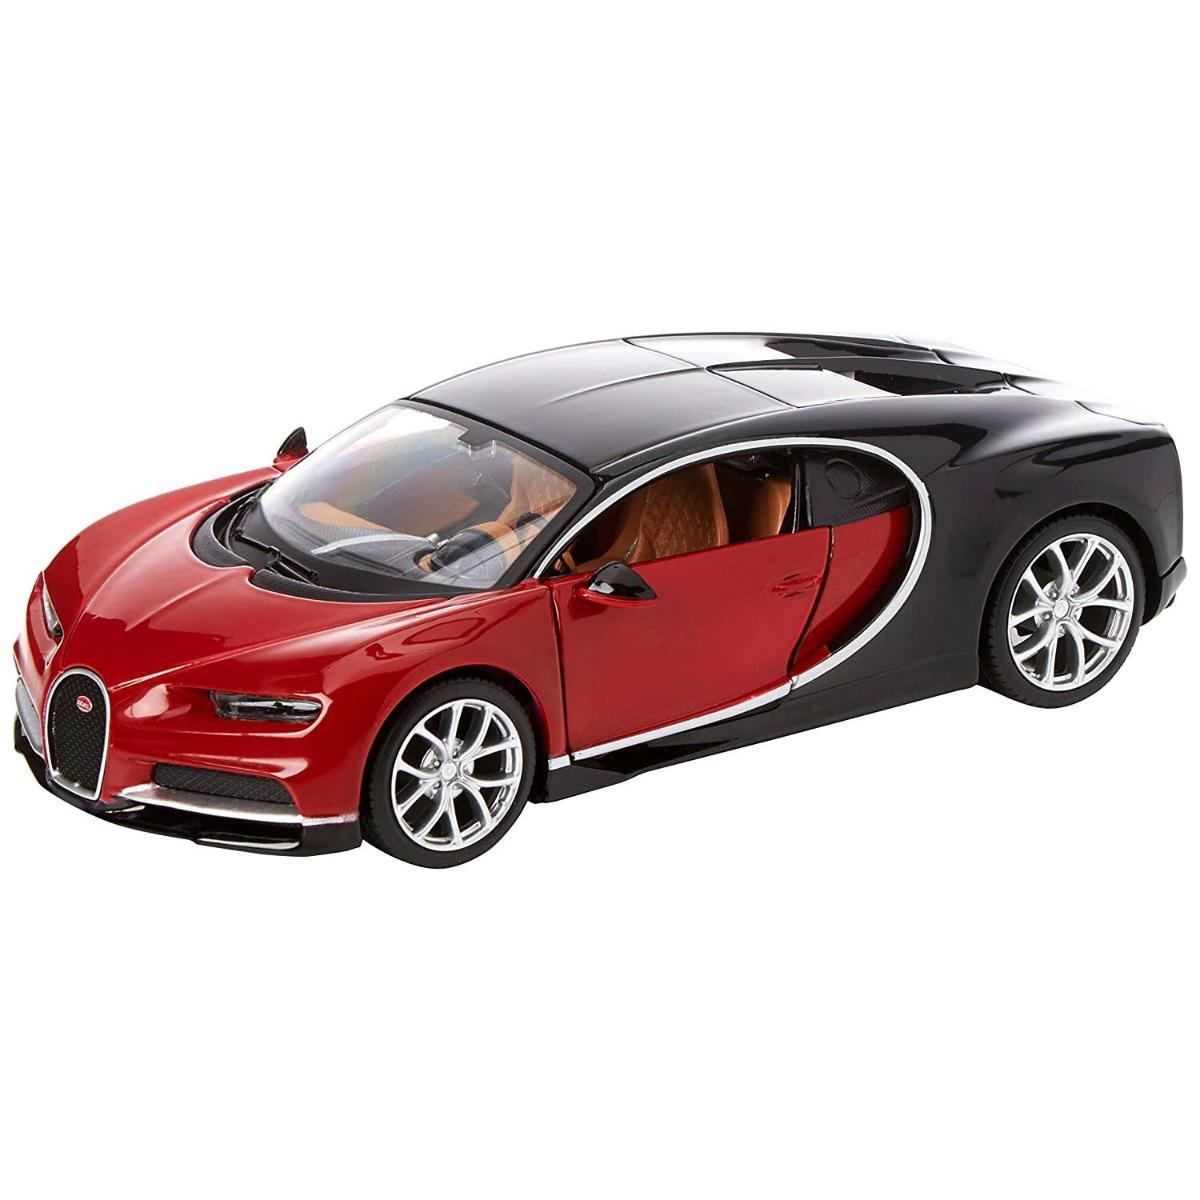 Masinuta Maisto Kit Model Bugatti Chiron. 1:24